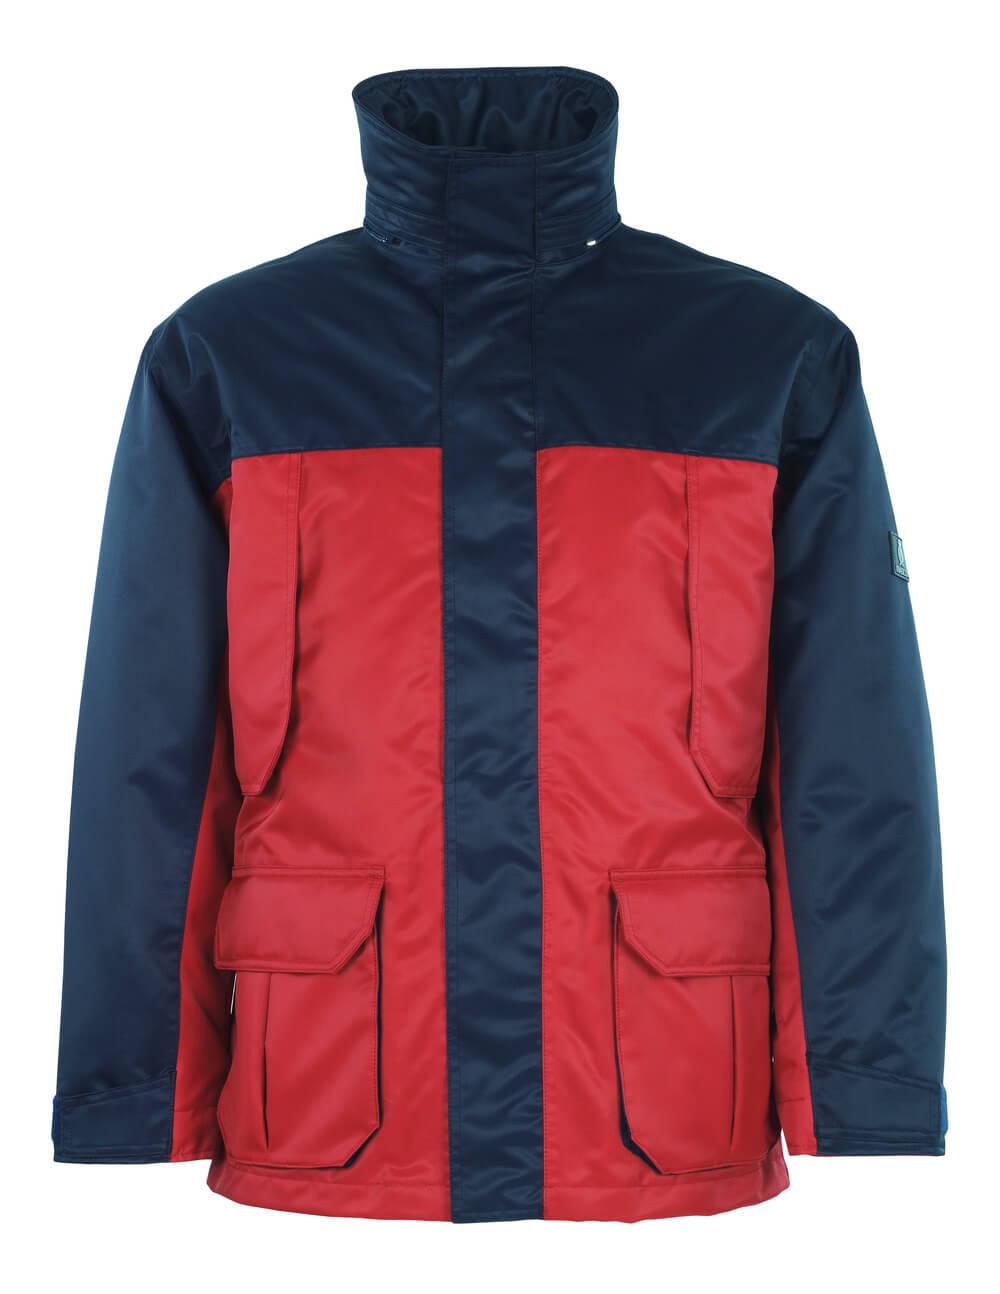 00930-650-21 Chaqueta parka - rojo/azul marino